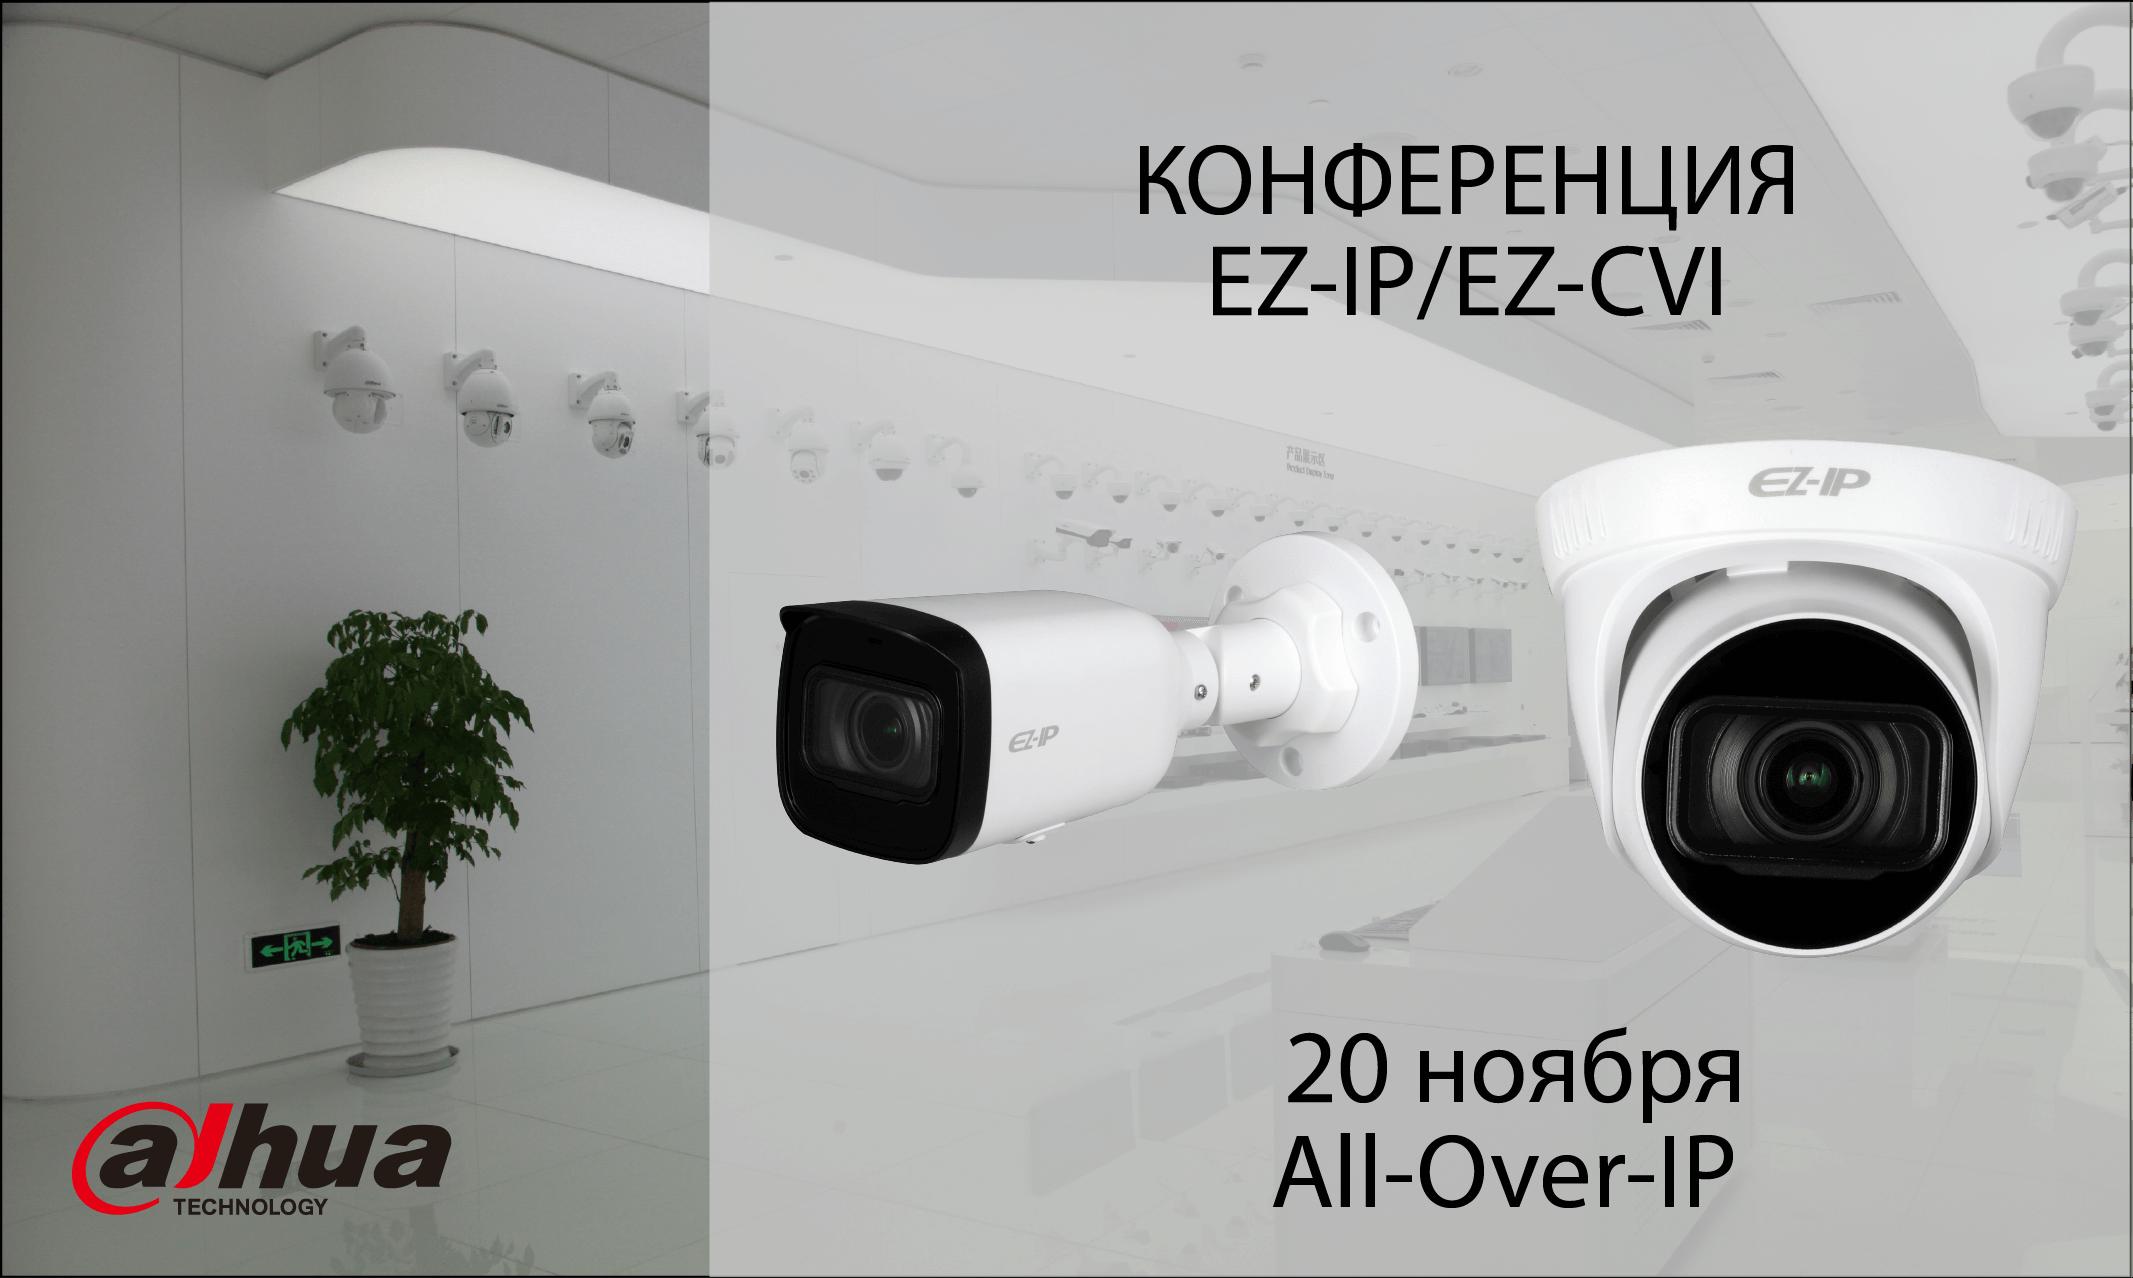 Dahua Technology представляет бренд видеонаблюдения EZ. Регистрируйтесь на конференцию 20 ноября